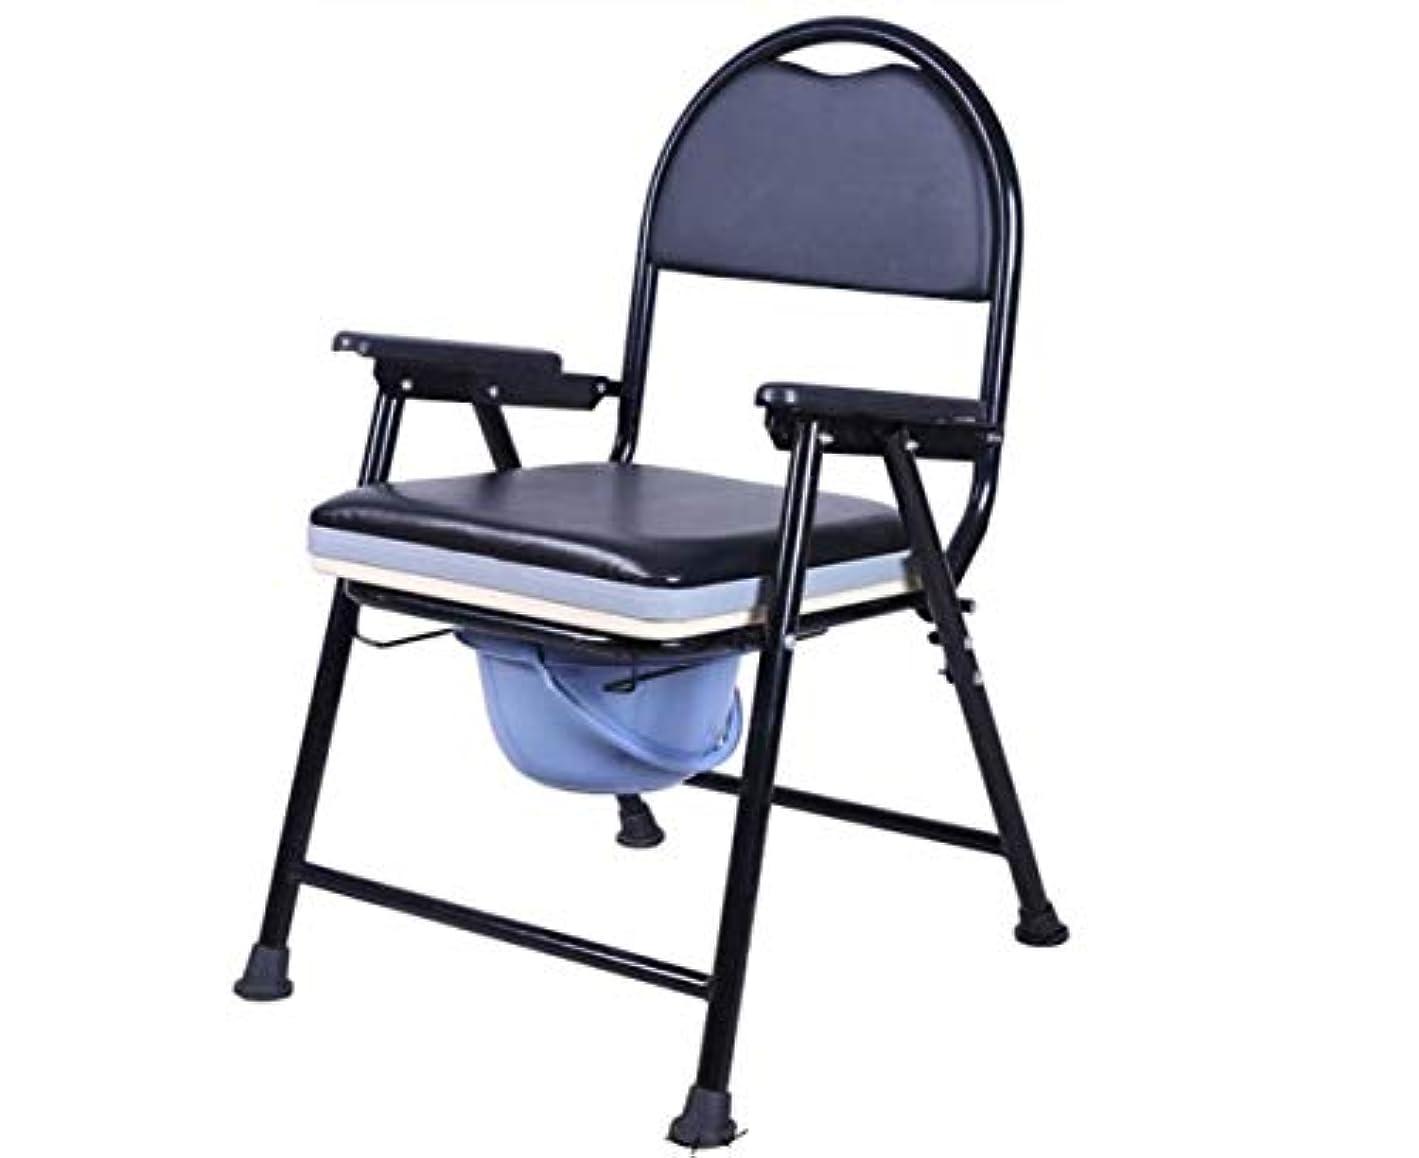 シャットつらい千折りたたみ式mode椅子とトイレサラウンド、軽量、丈夫、シンプル、高齢者高齢者向けのバスルームサポート、無効